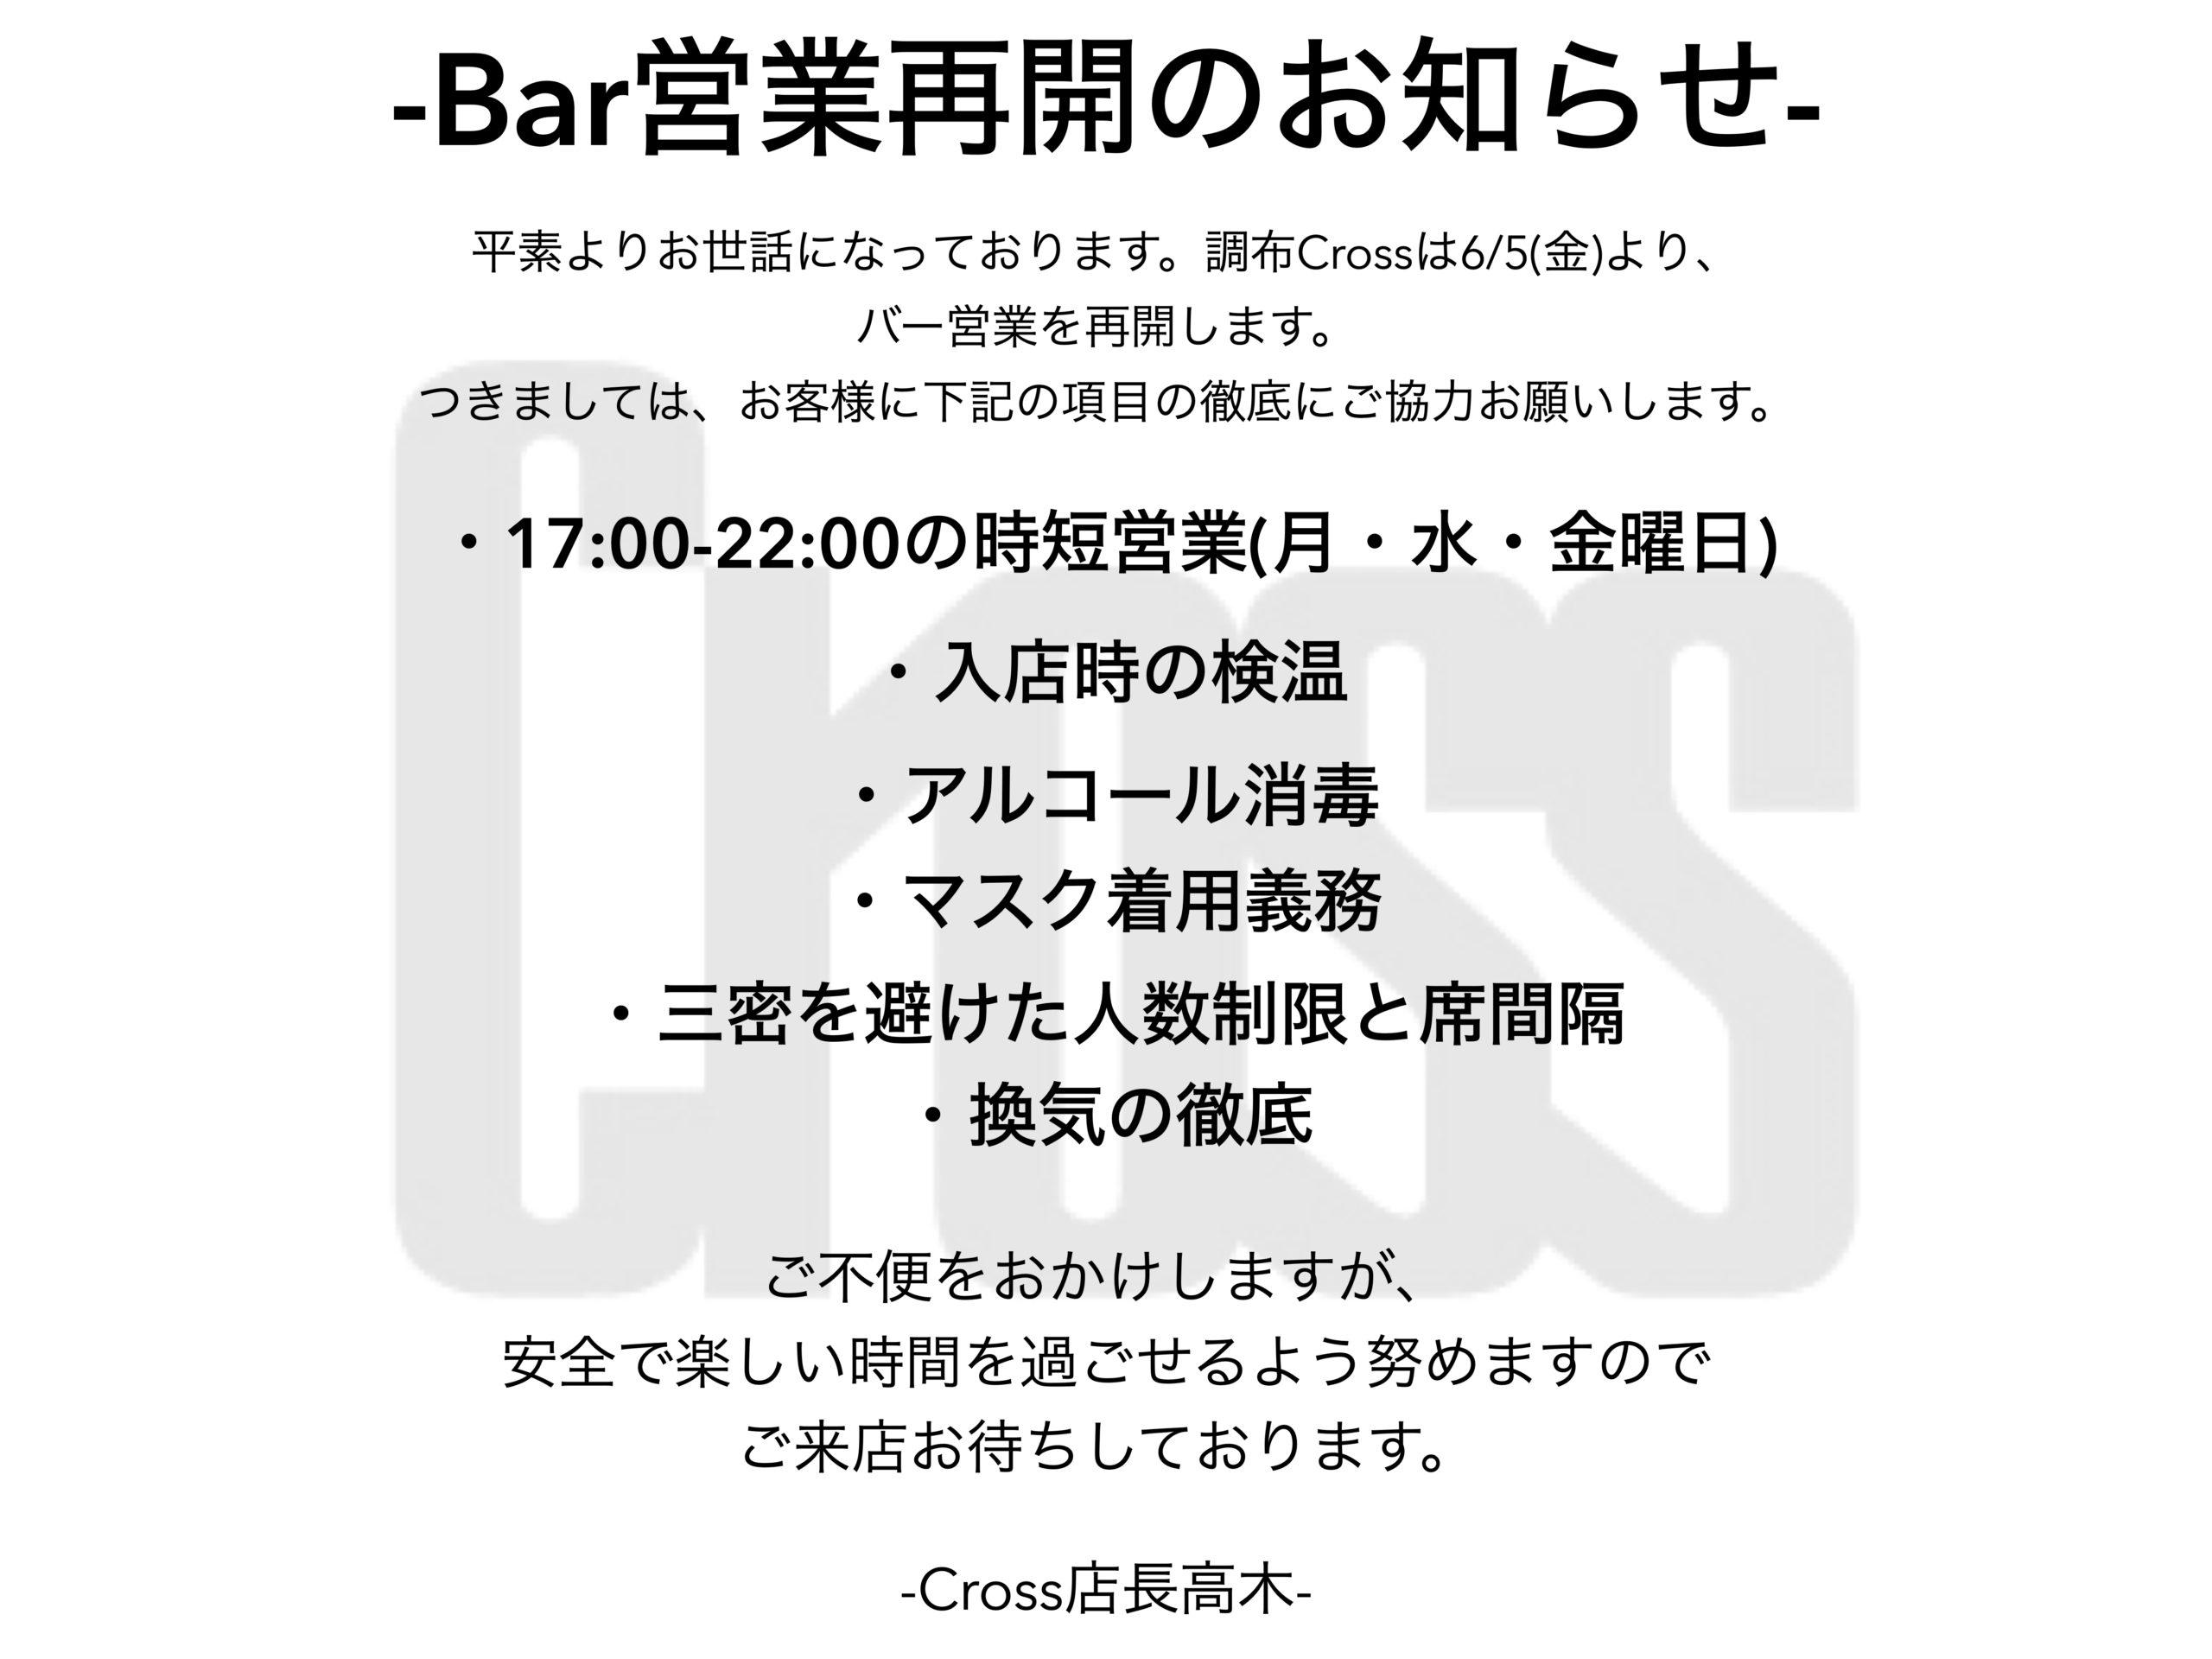 BAR営業再開のお知らせ